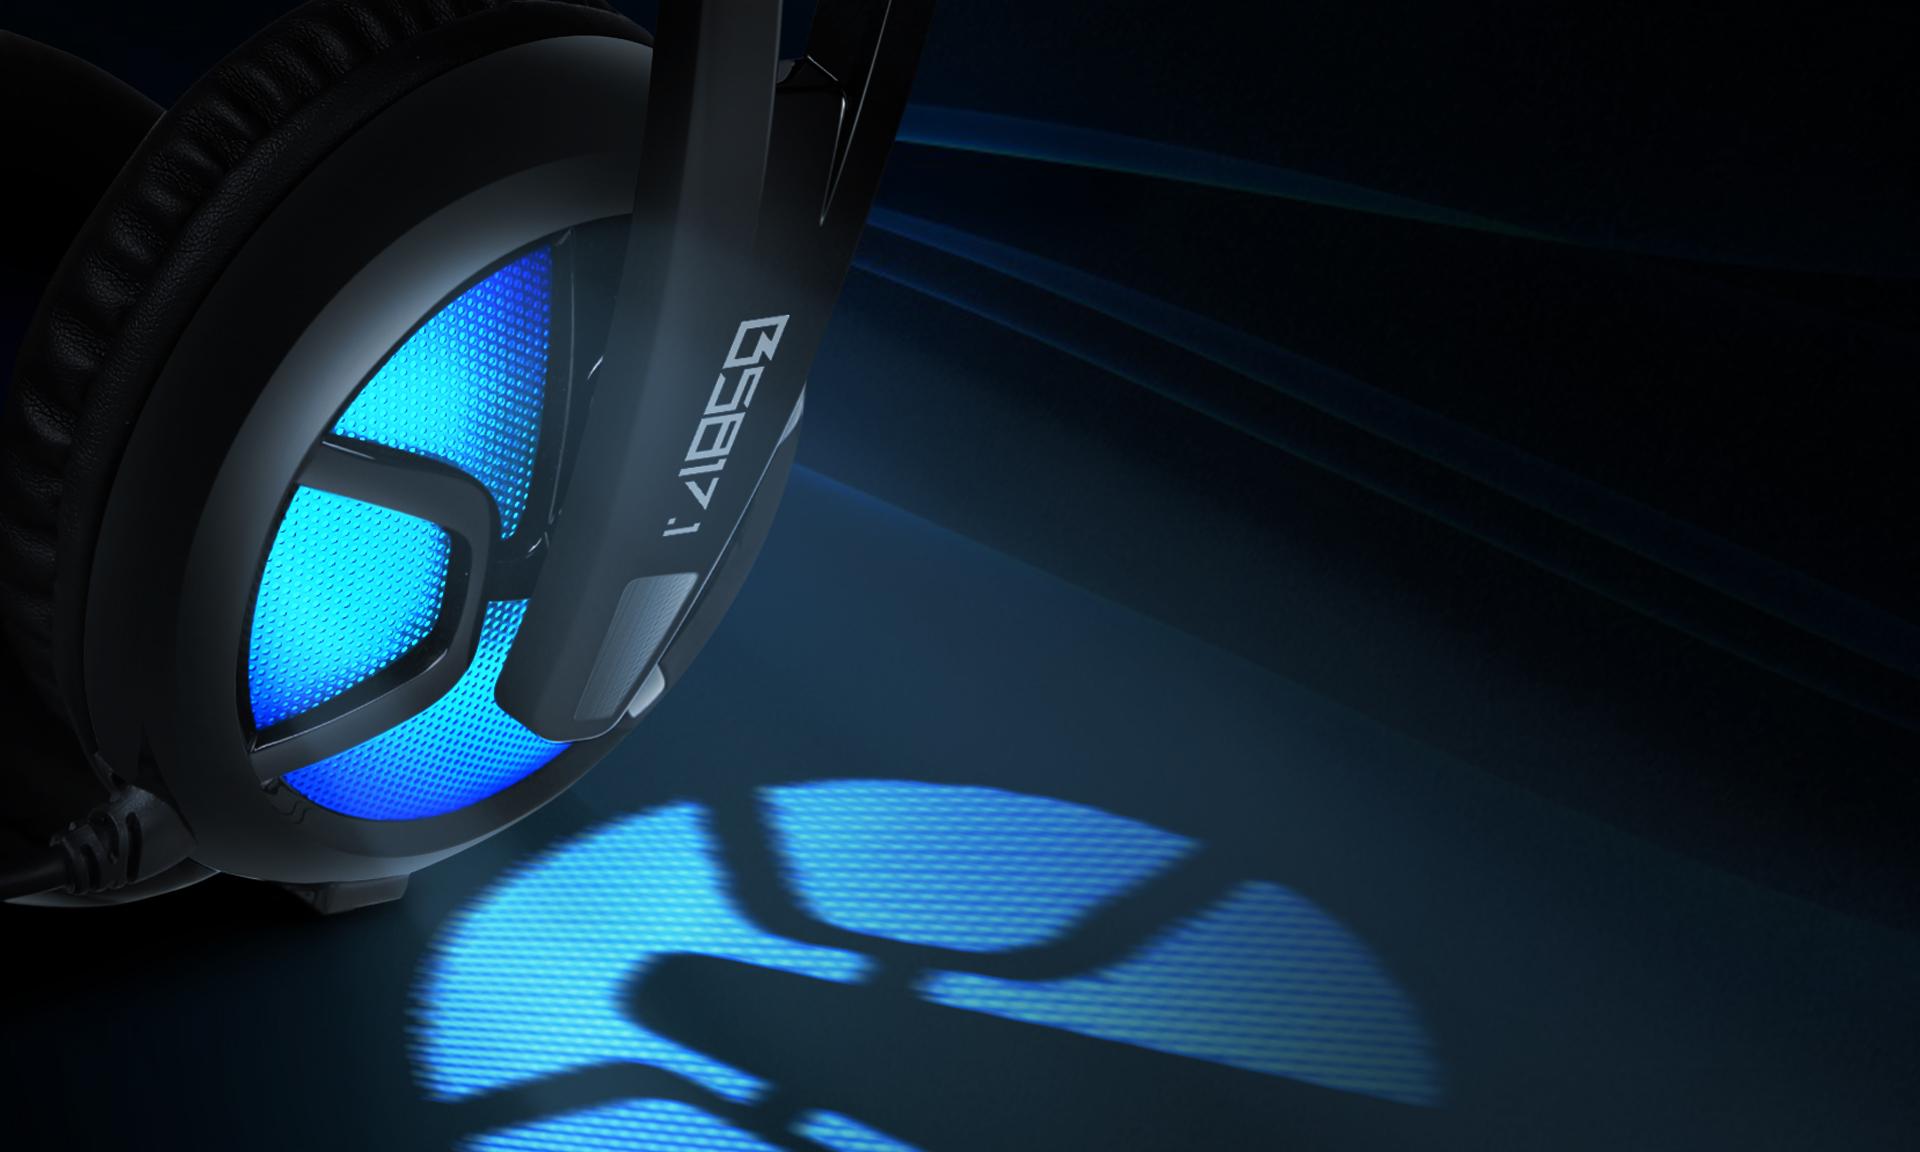 Auriculares B581 Virtual 7.1 Imagen descripción led azul